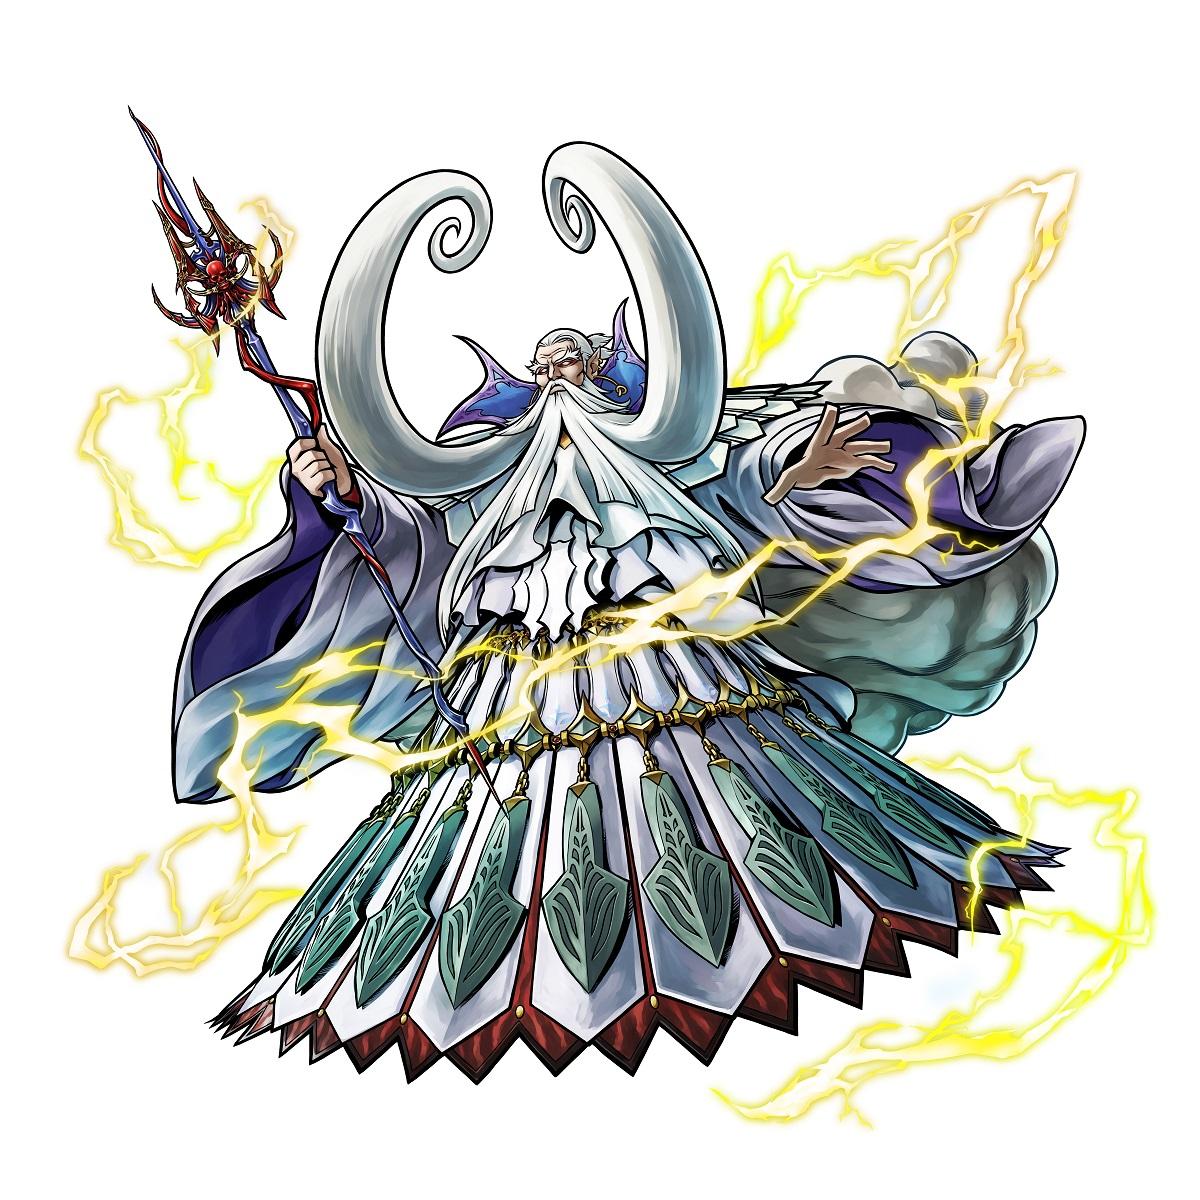 Dissidia Final Fantasy: Opera Omnia k nám dorazí koncem roku 154986